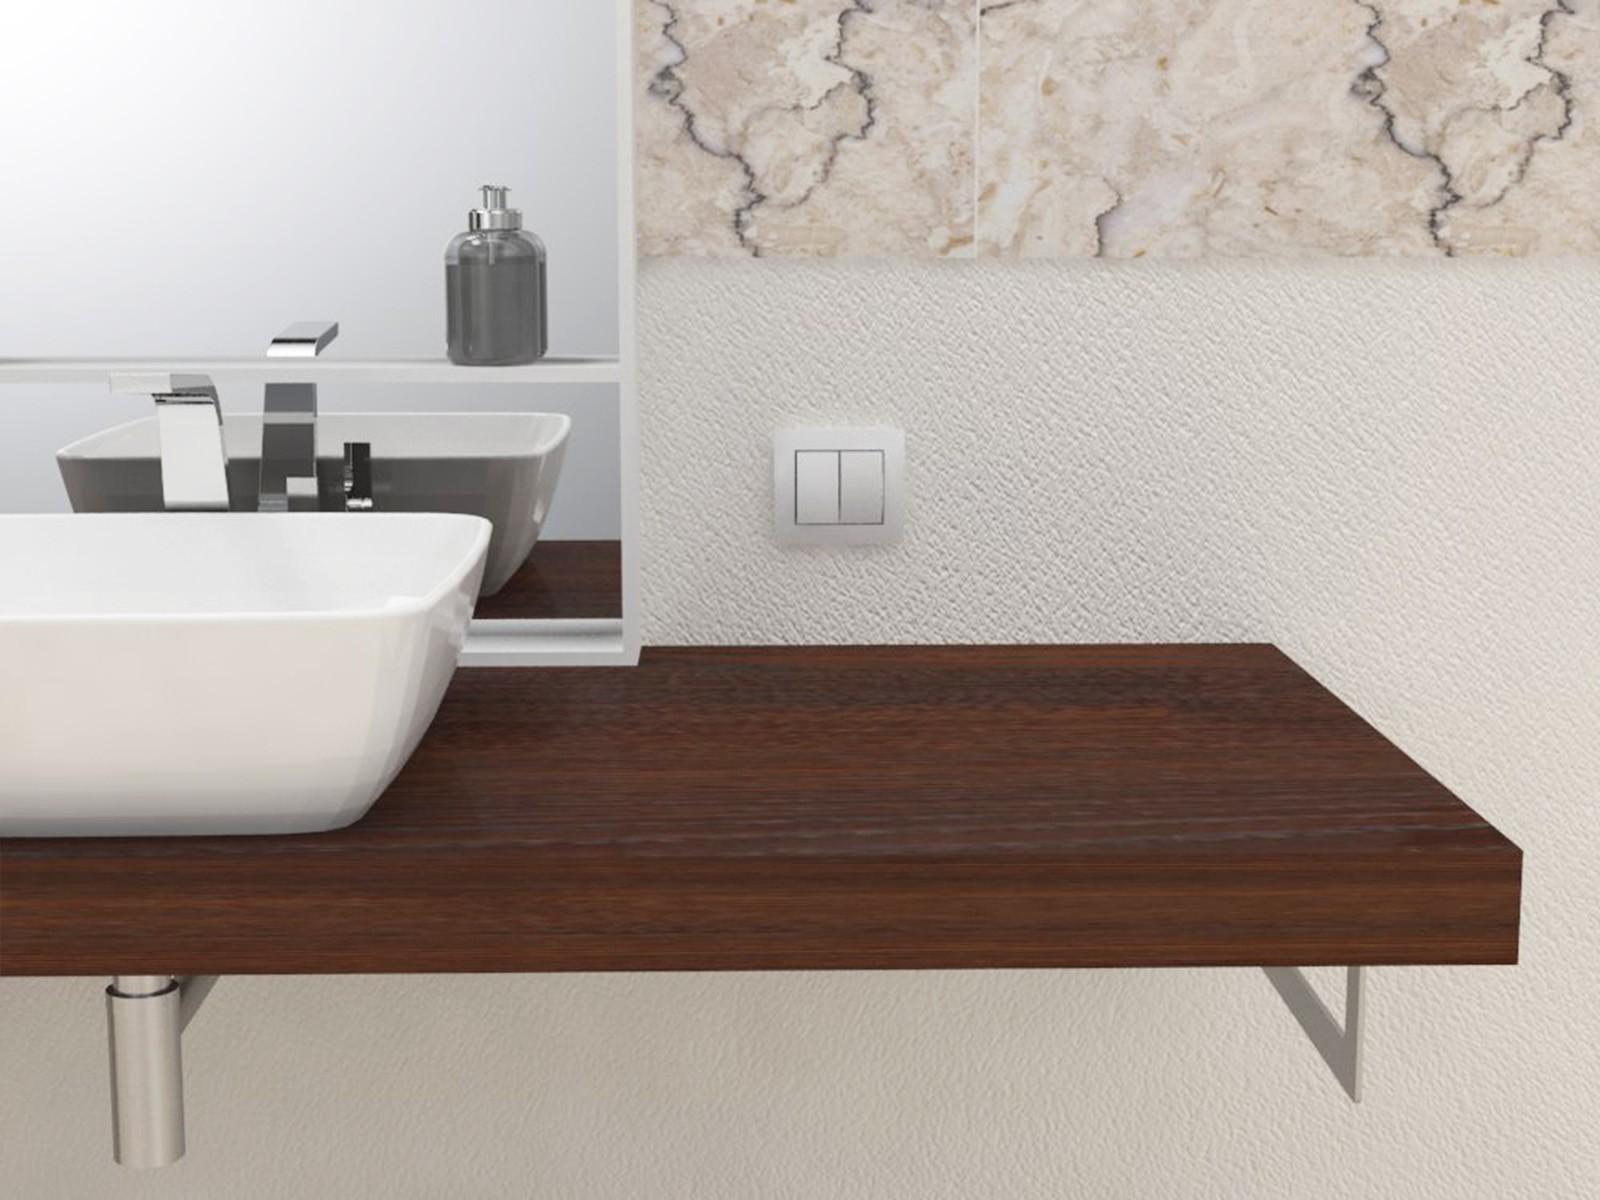 mensola lavabo in legno massello su misura spessore 5 cm